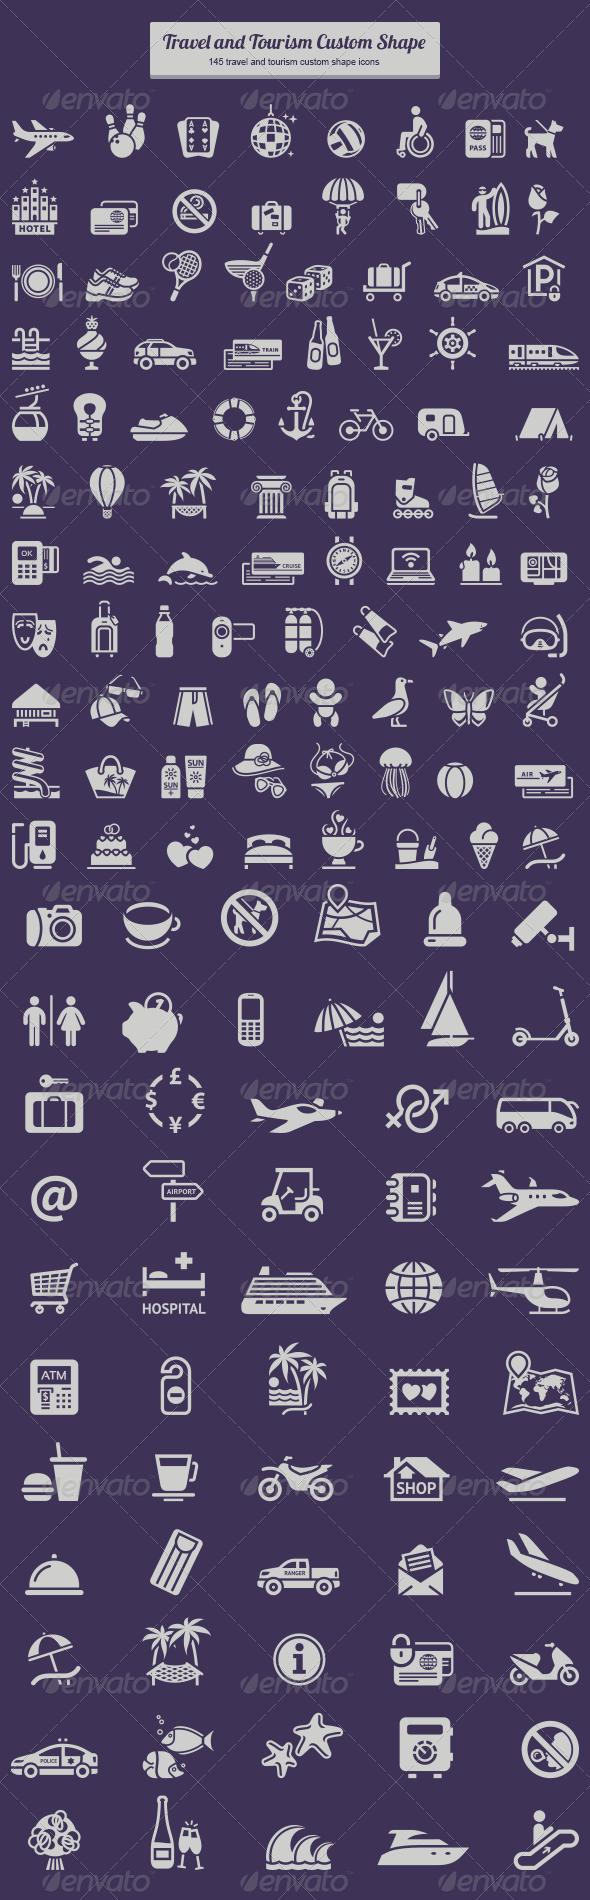 GraphicRiver Travel and Tourism Custom Shape 6261811